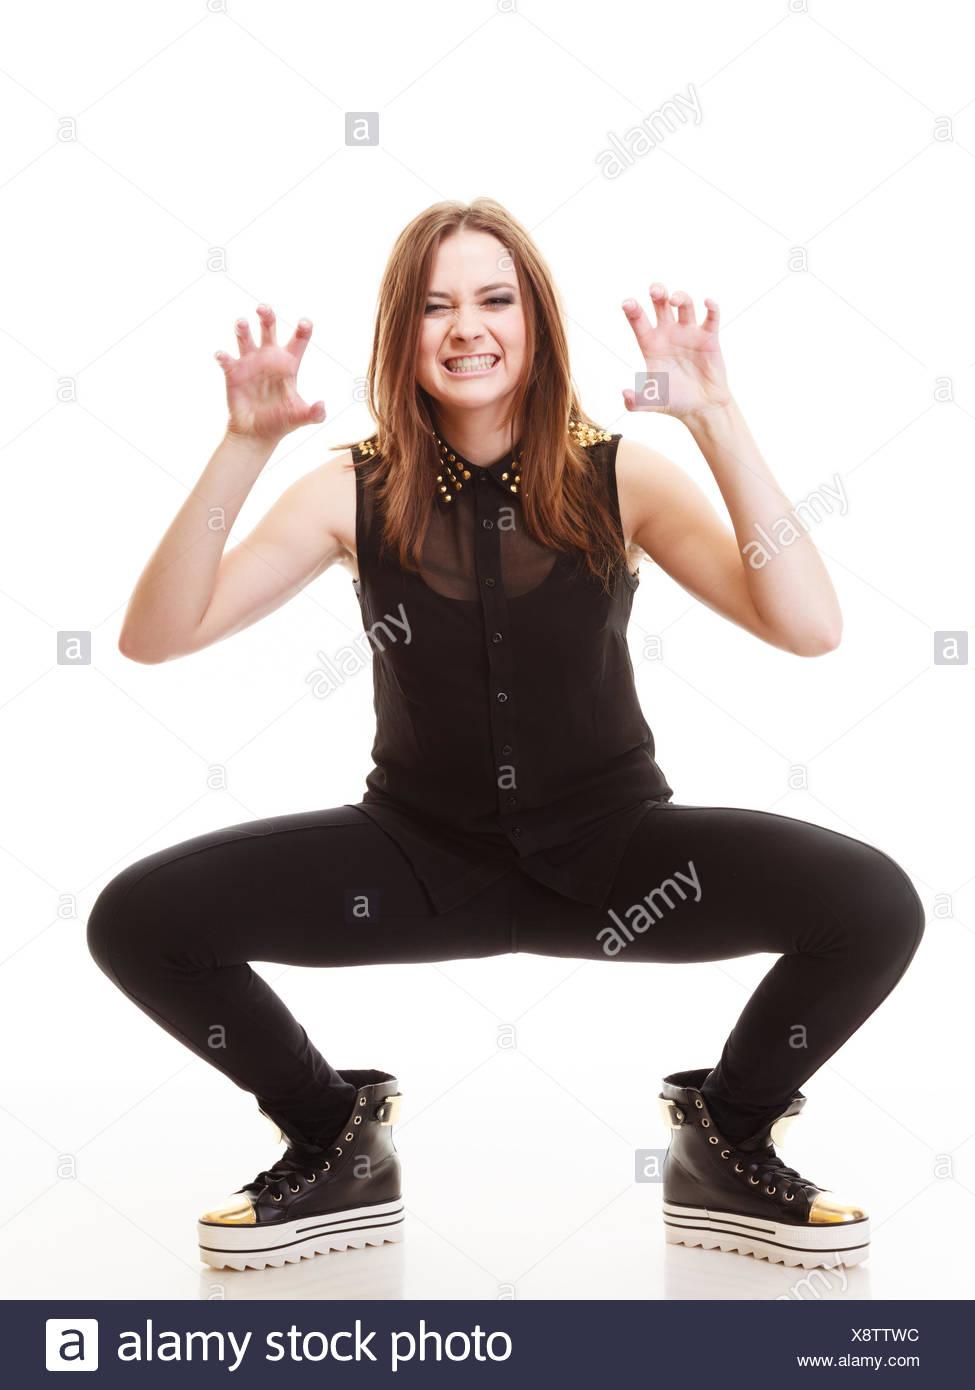 b92f596a62df I giovani adolescenti - concetto di piena lunghezza elegante modello giovane  ragazza adolescente in stile casual vestiti rendendo silly face